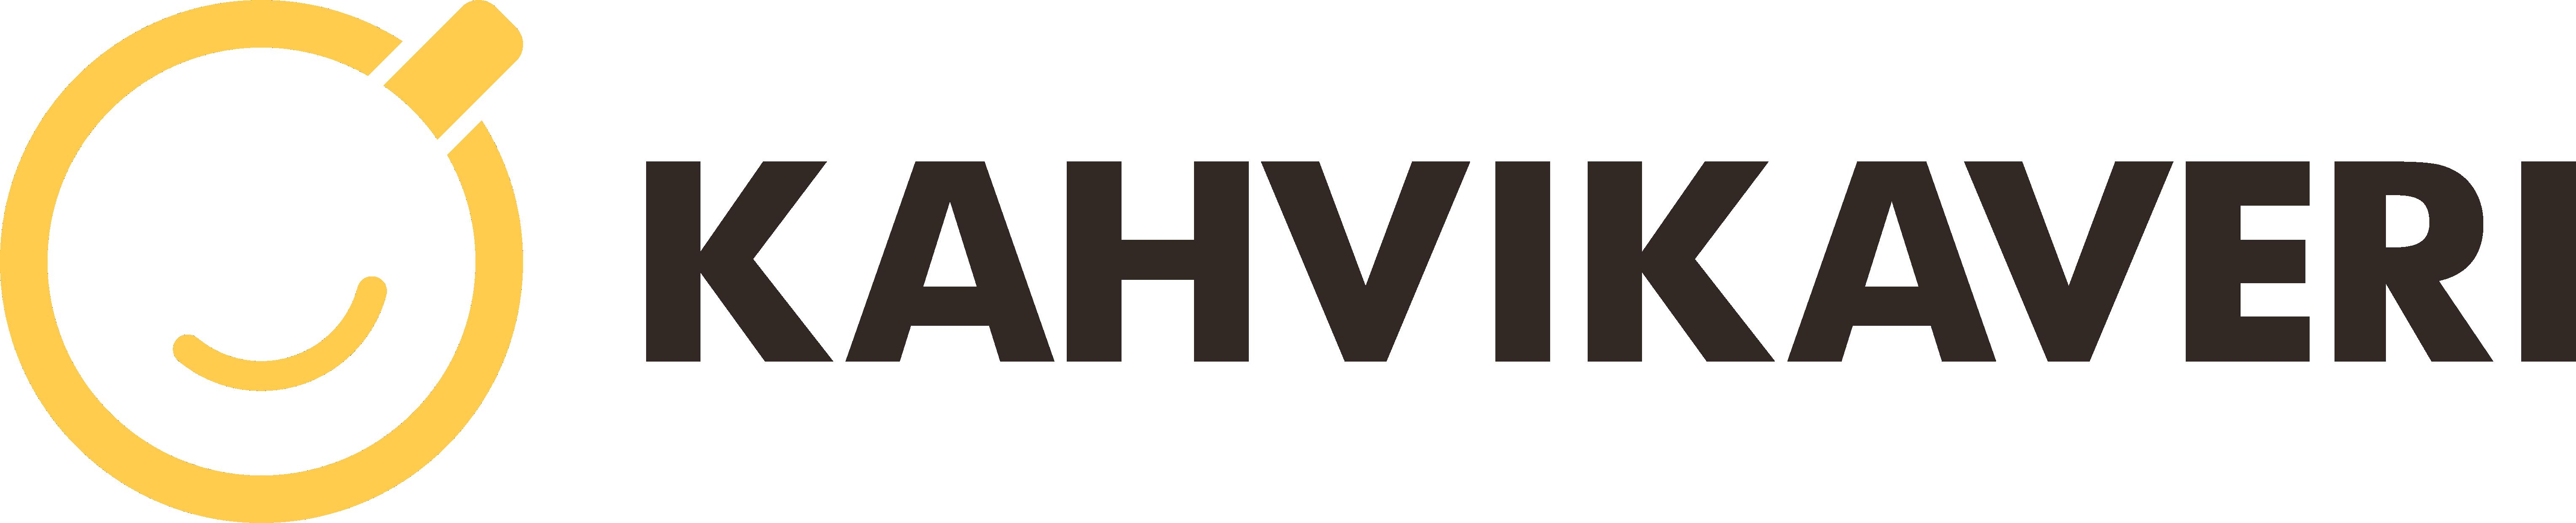 myyntipaallikko-finland-sdsuu-3262653 logo